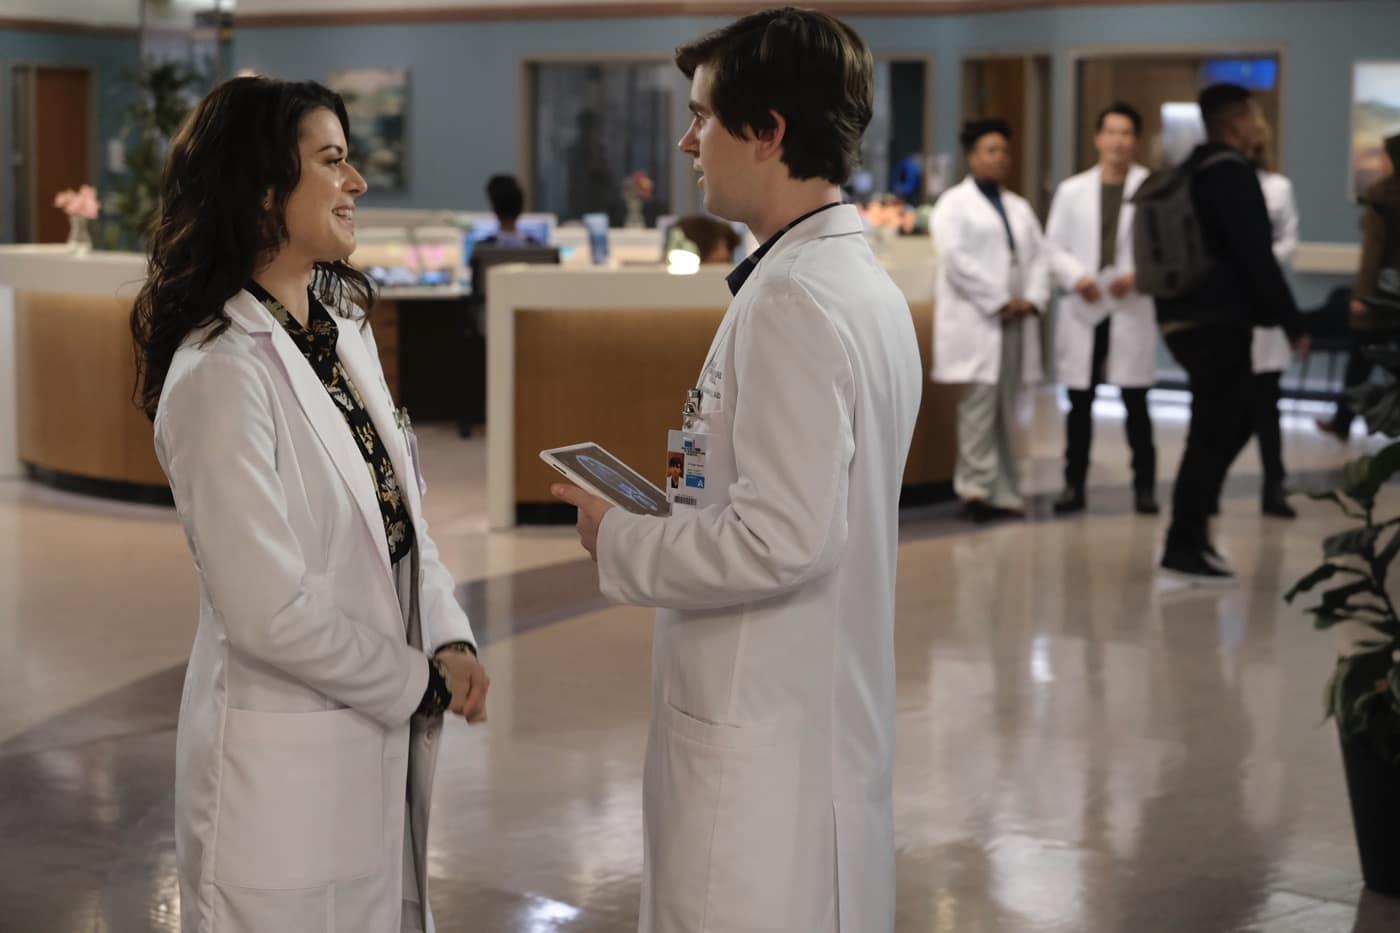 THE GOOD DOCTOR Season 4 Episode 9 Photos Irresponsible Salad Bar Practices